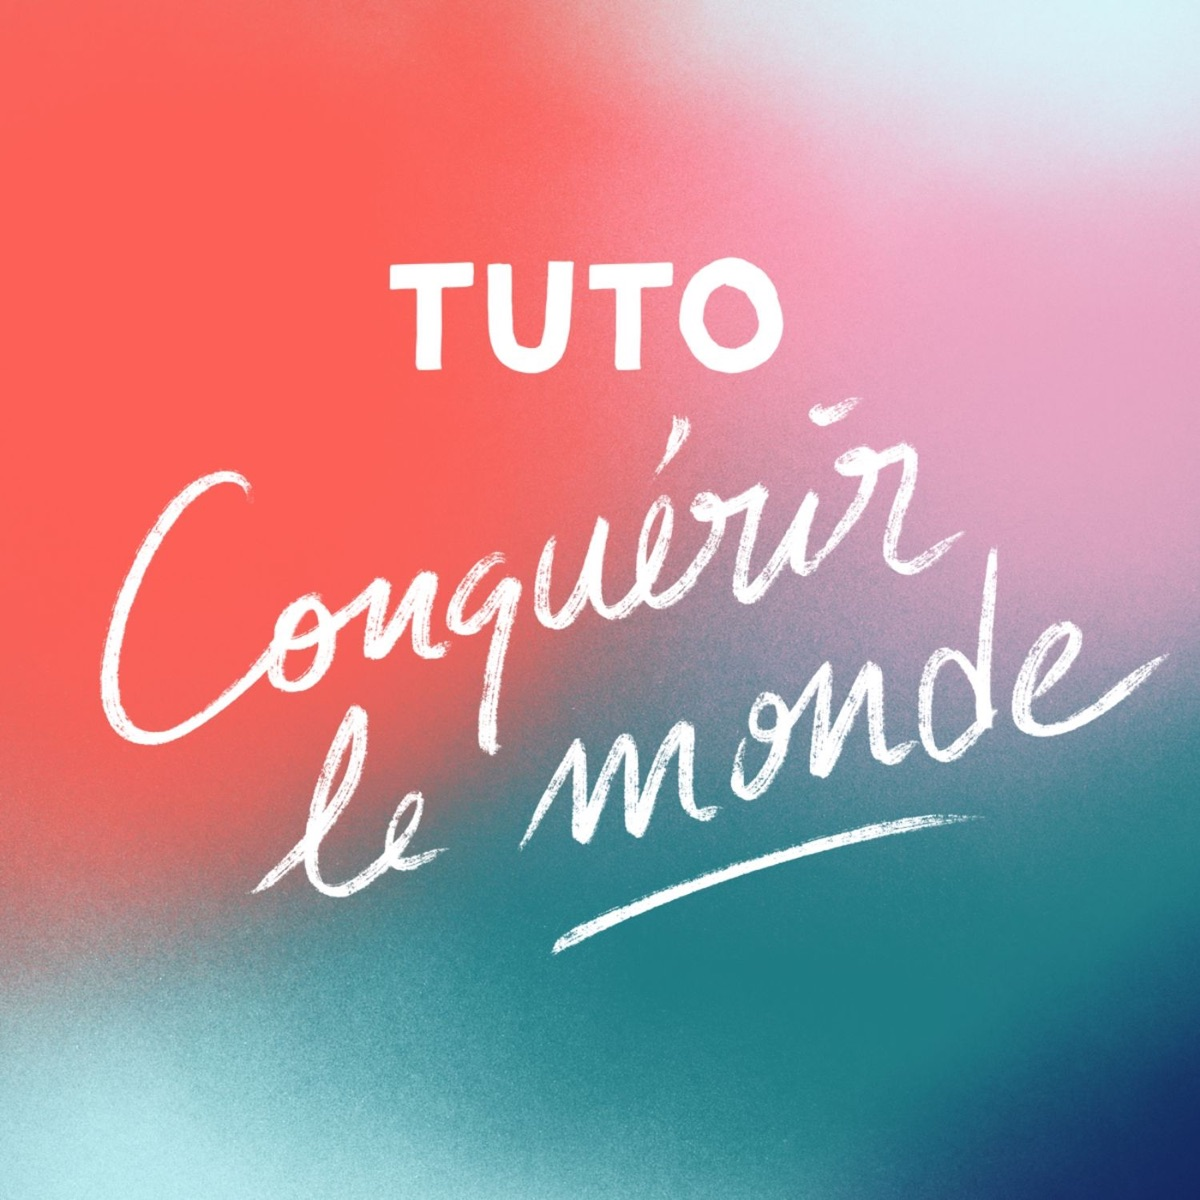 Tuto Conquérir Le Monde